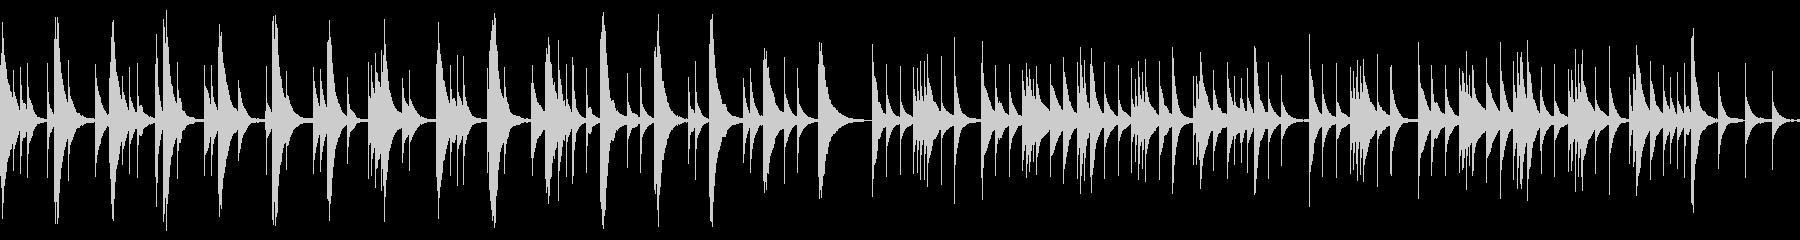 オルゴールの優しくてしんみりするBGMの未再生の波形